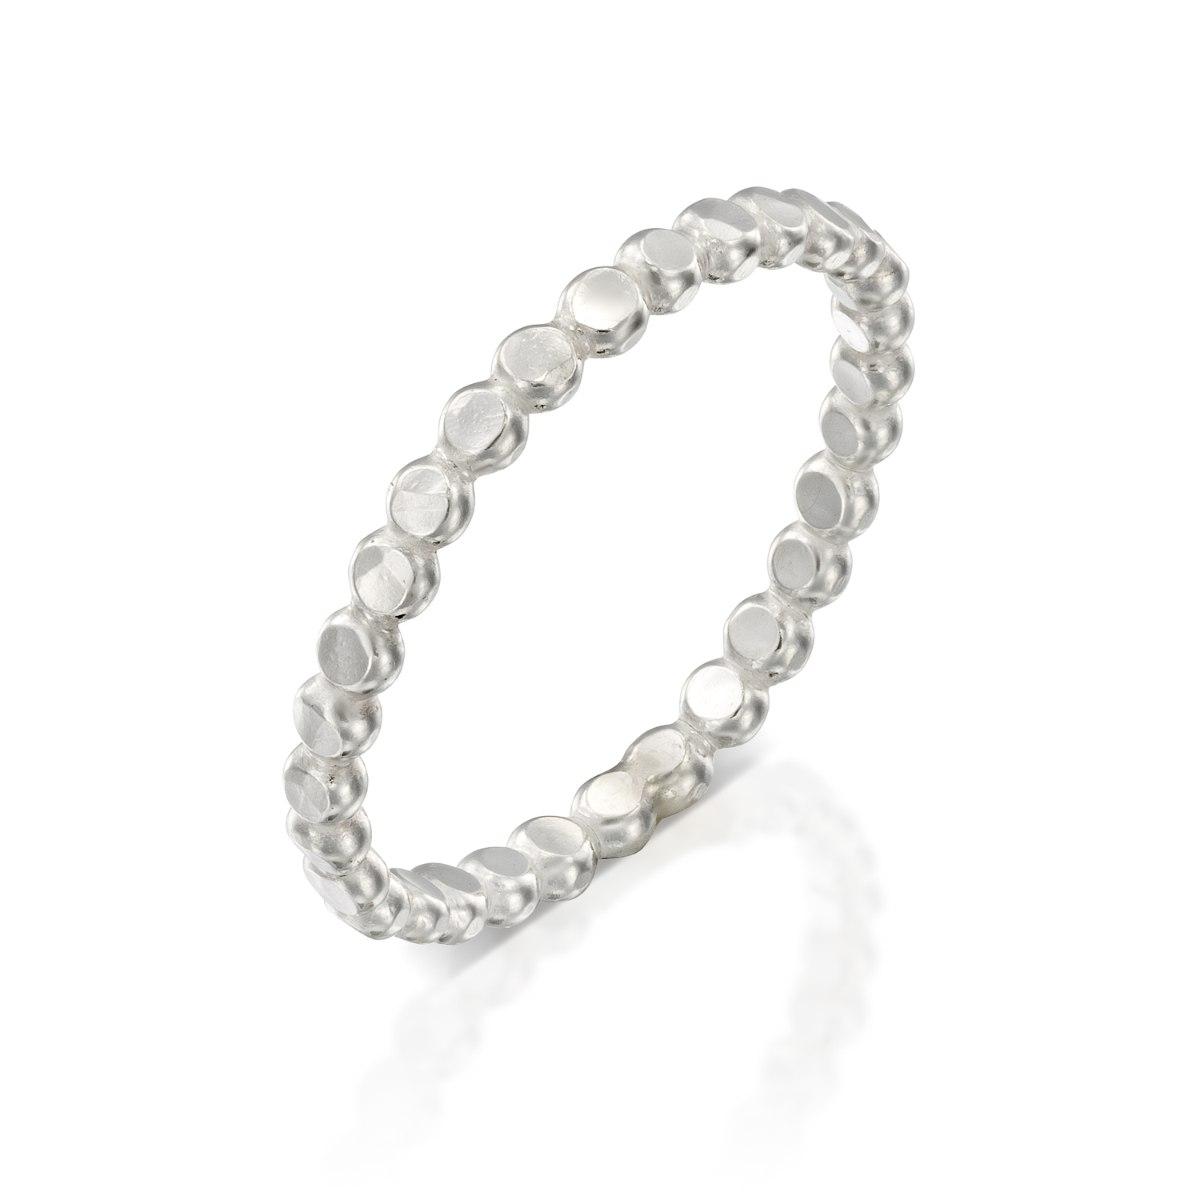 טבעת כסף 925 סוכריות קטנות מרוקעות נועה טריפ noa tripp